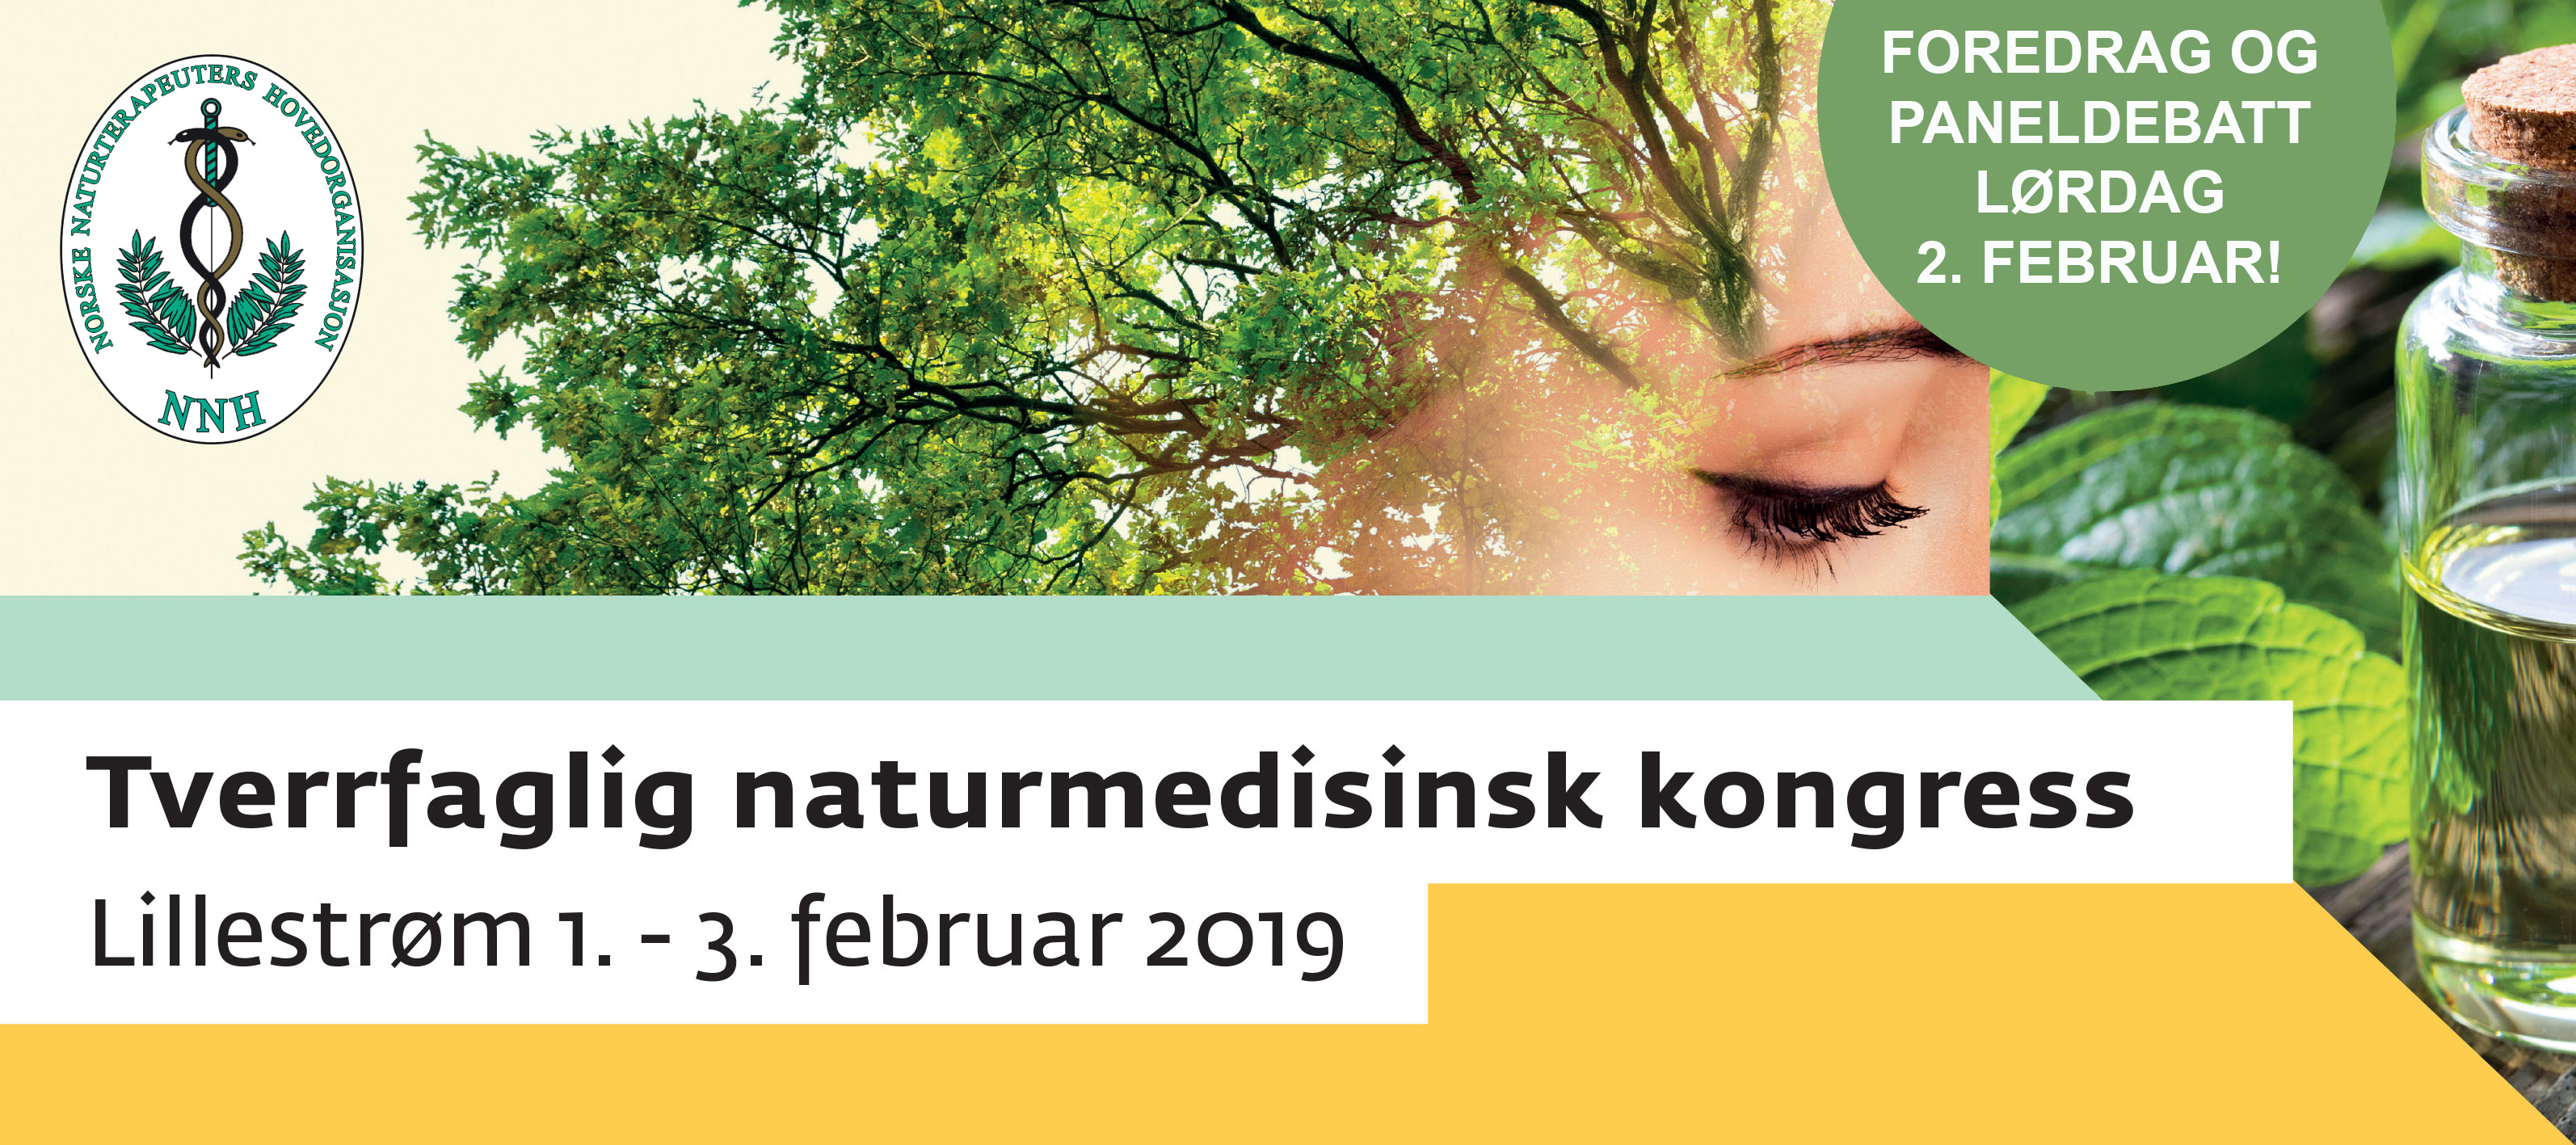 Foredrag og paneldebatt lørdag 2. februar